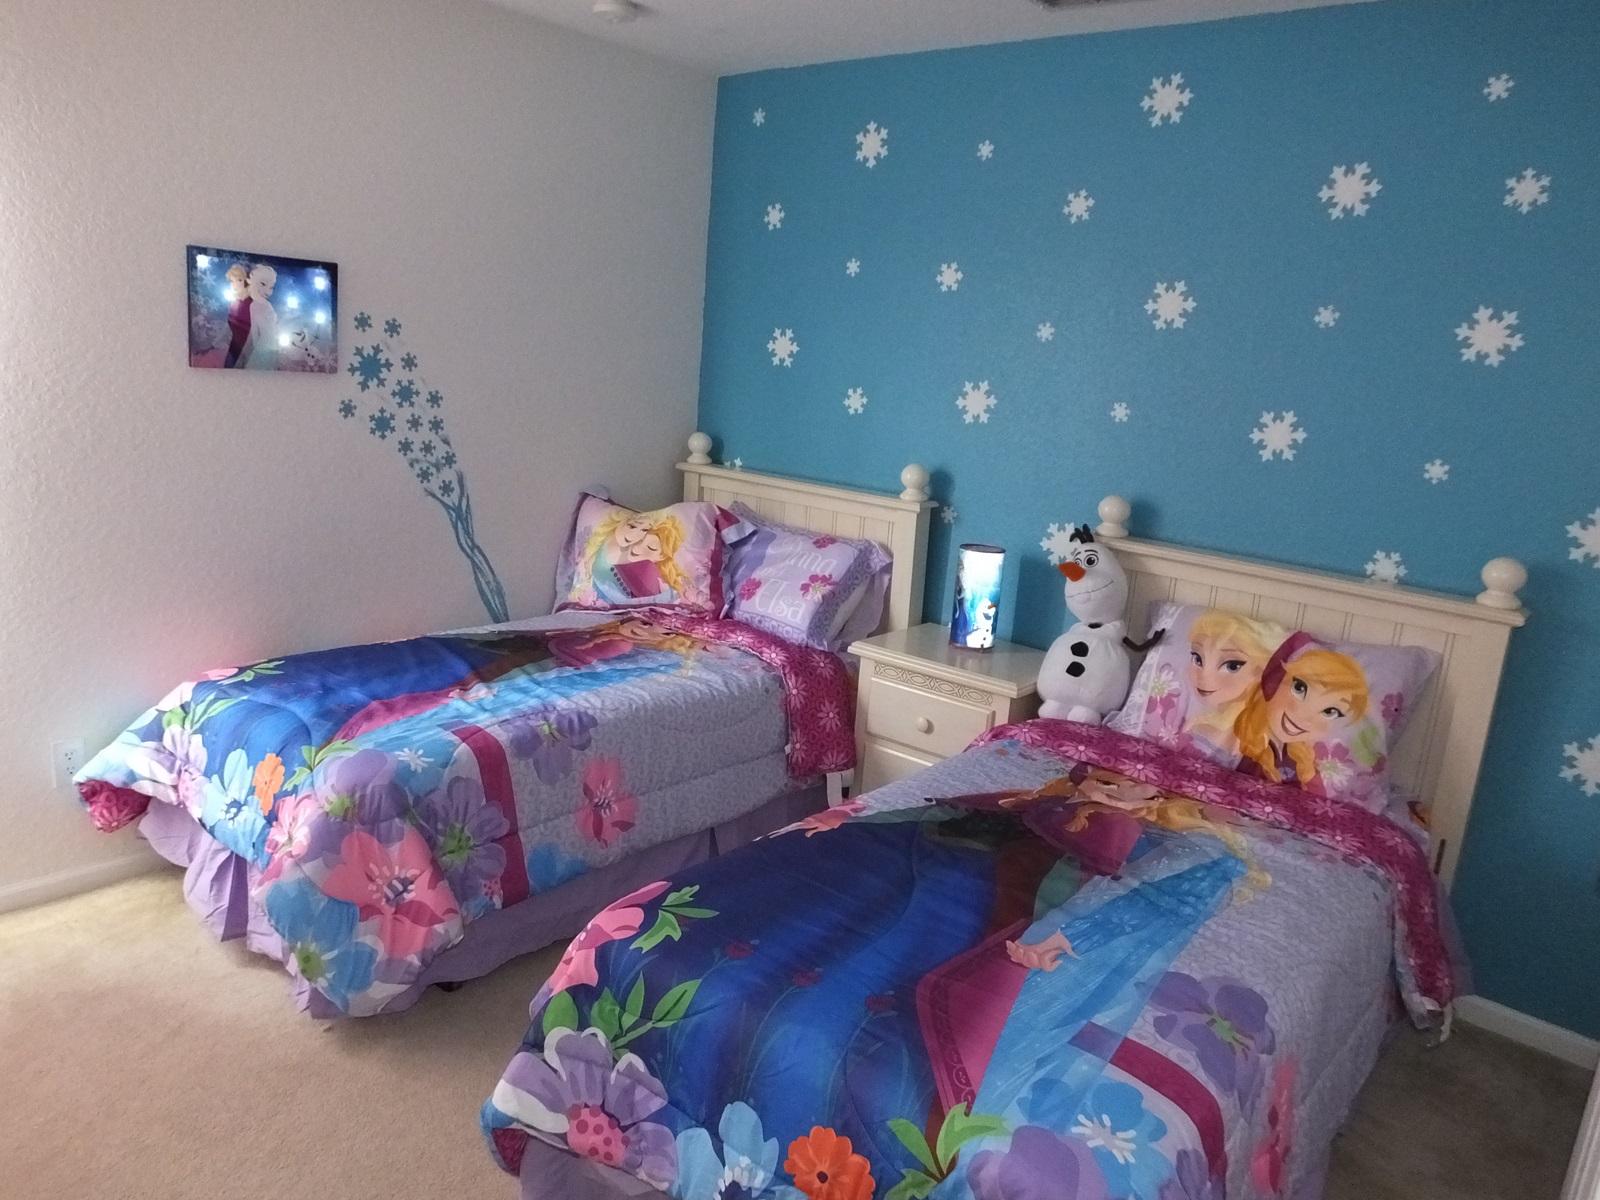 Disney themed bedroom - Disney Themed Bedroom Cukjatidesign Bedroom Decor